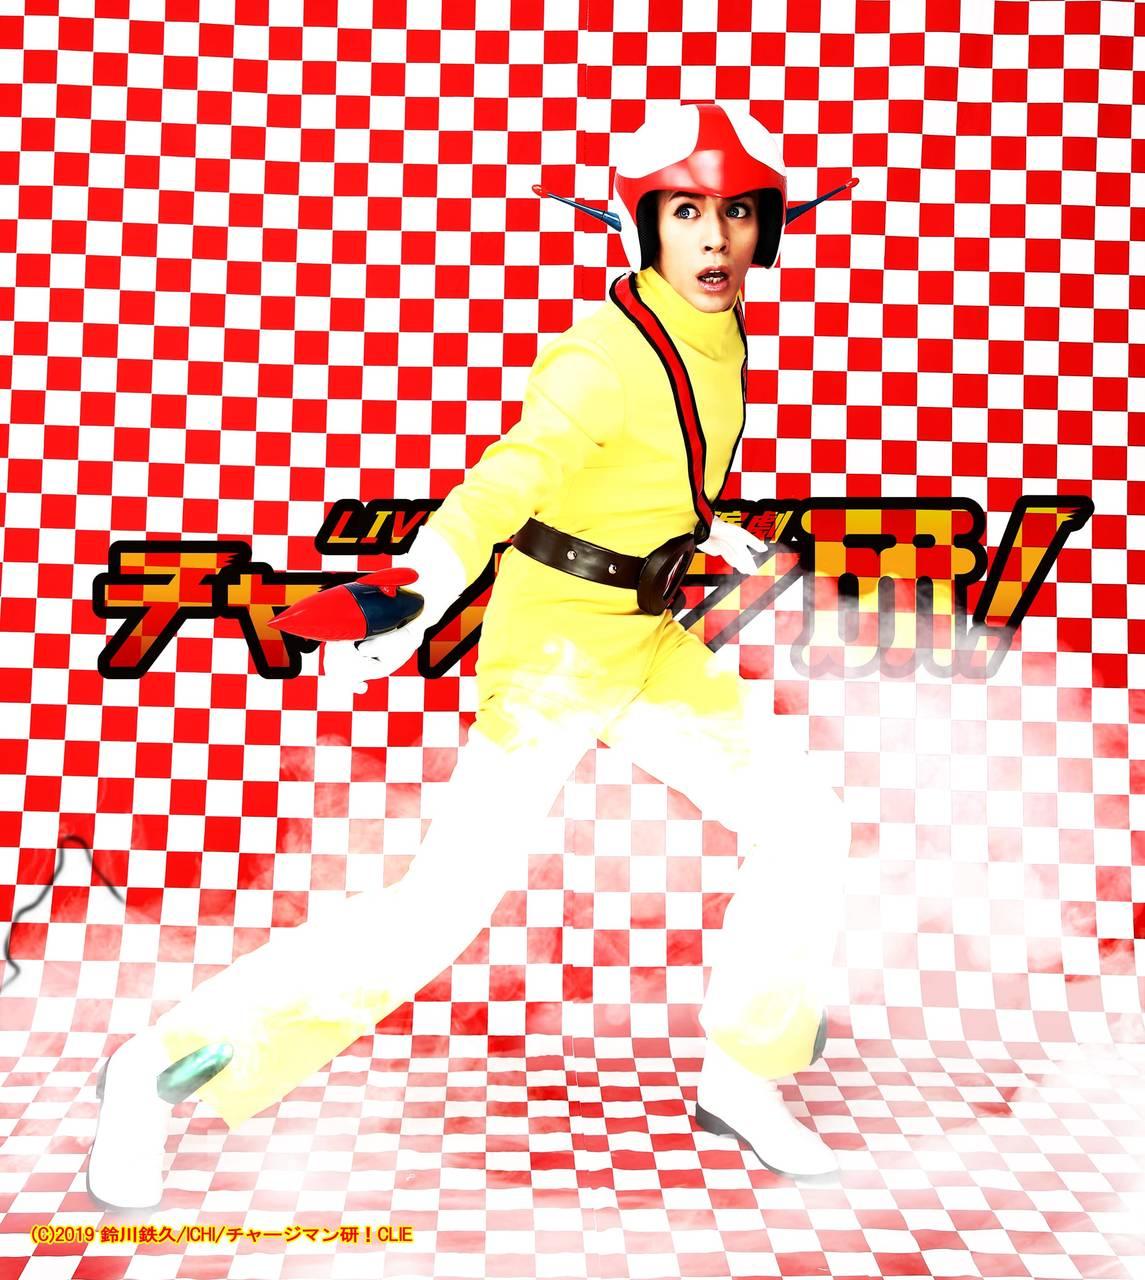 古谷大和、星元裕月らのビジュアル解禁!LIVEミュージカル演劇『チャージマン研!』